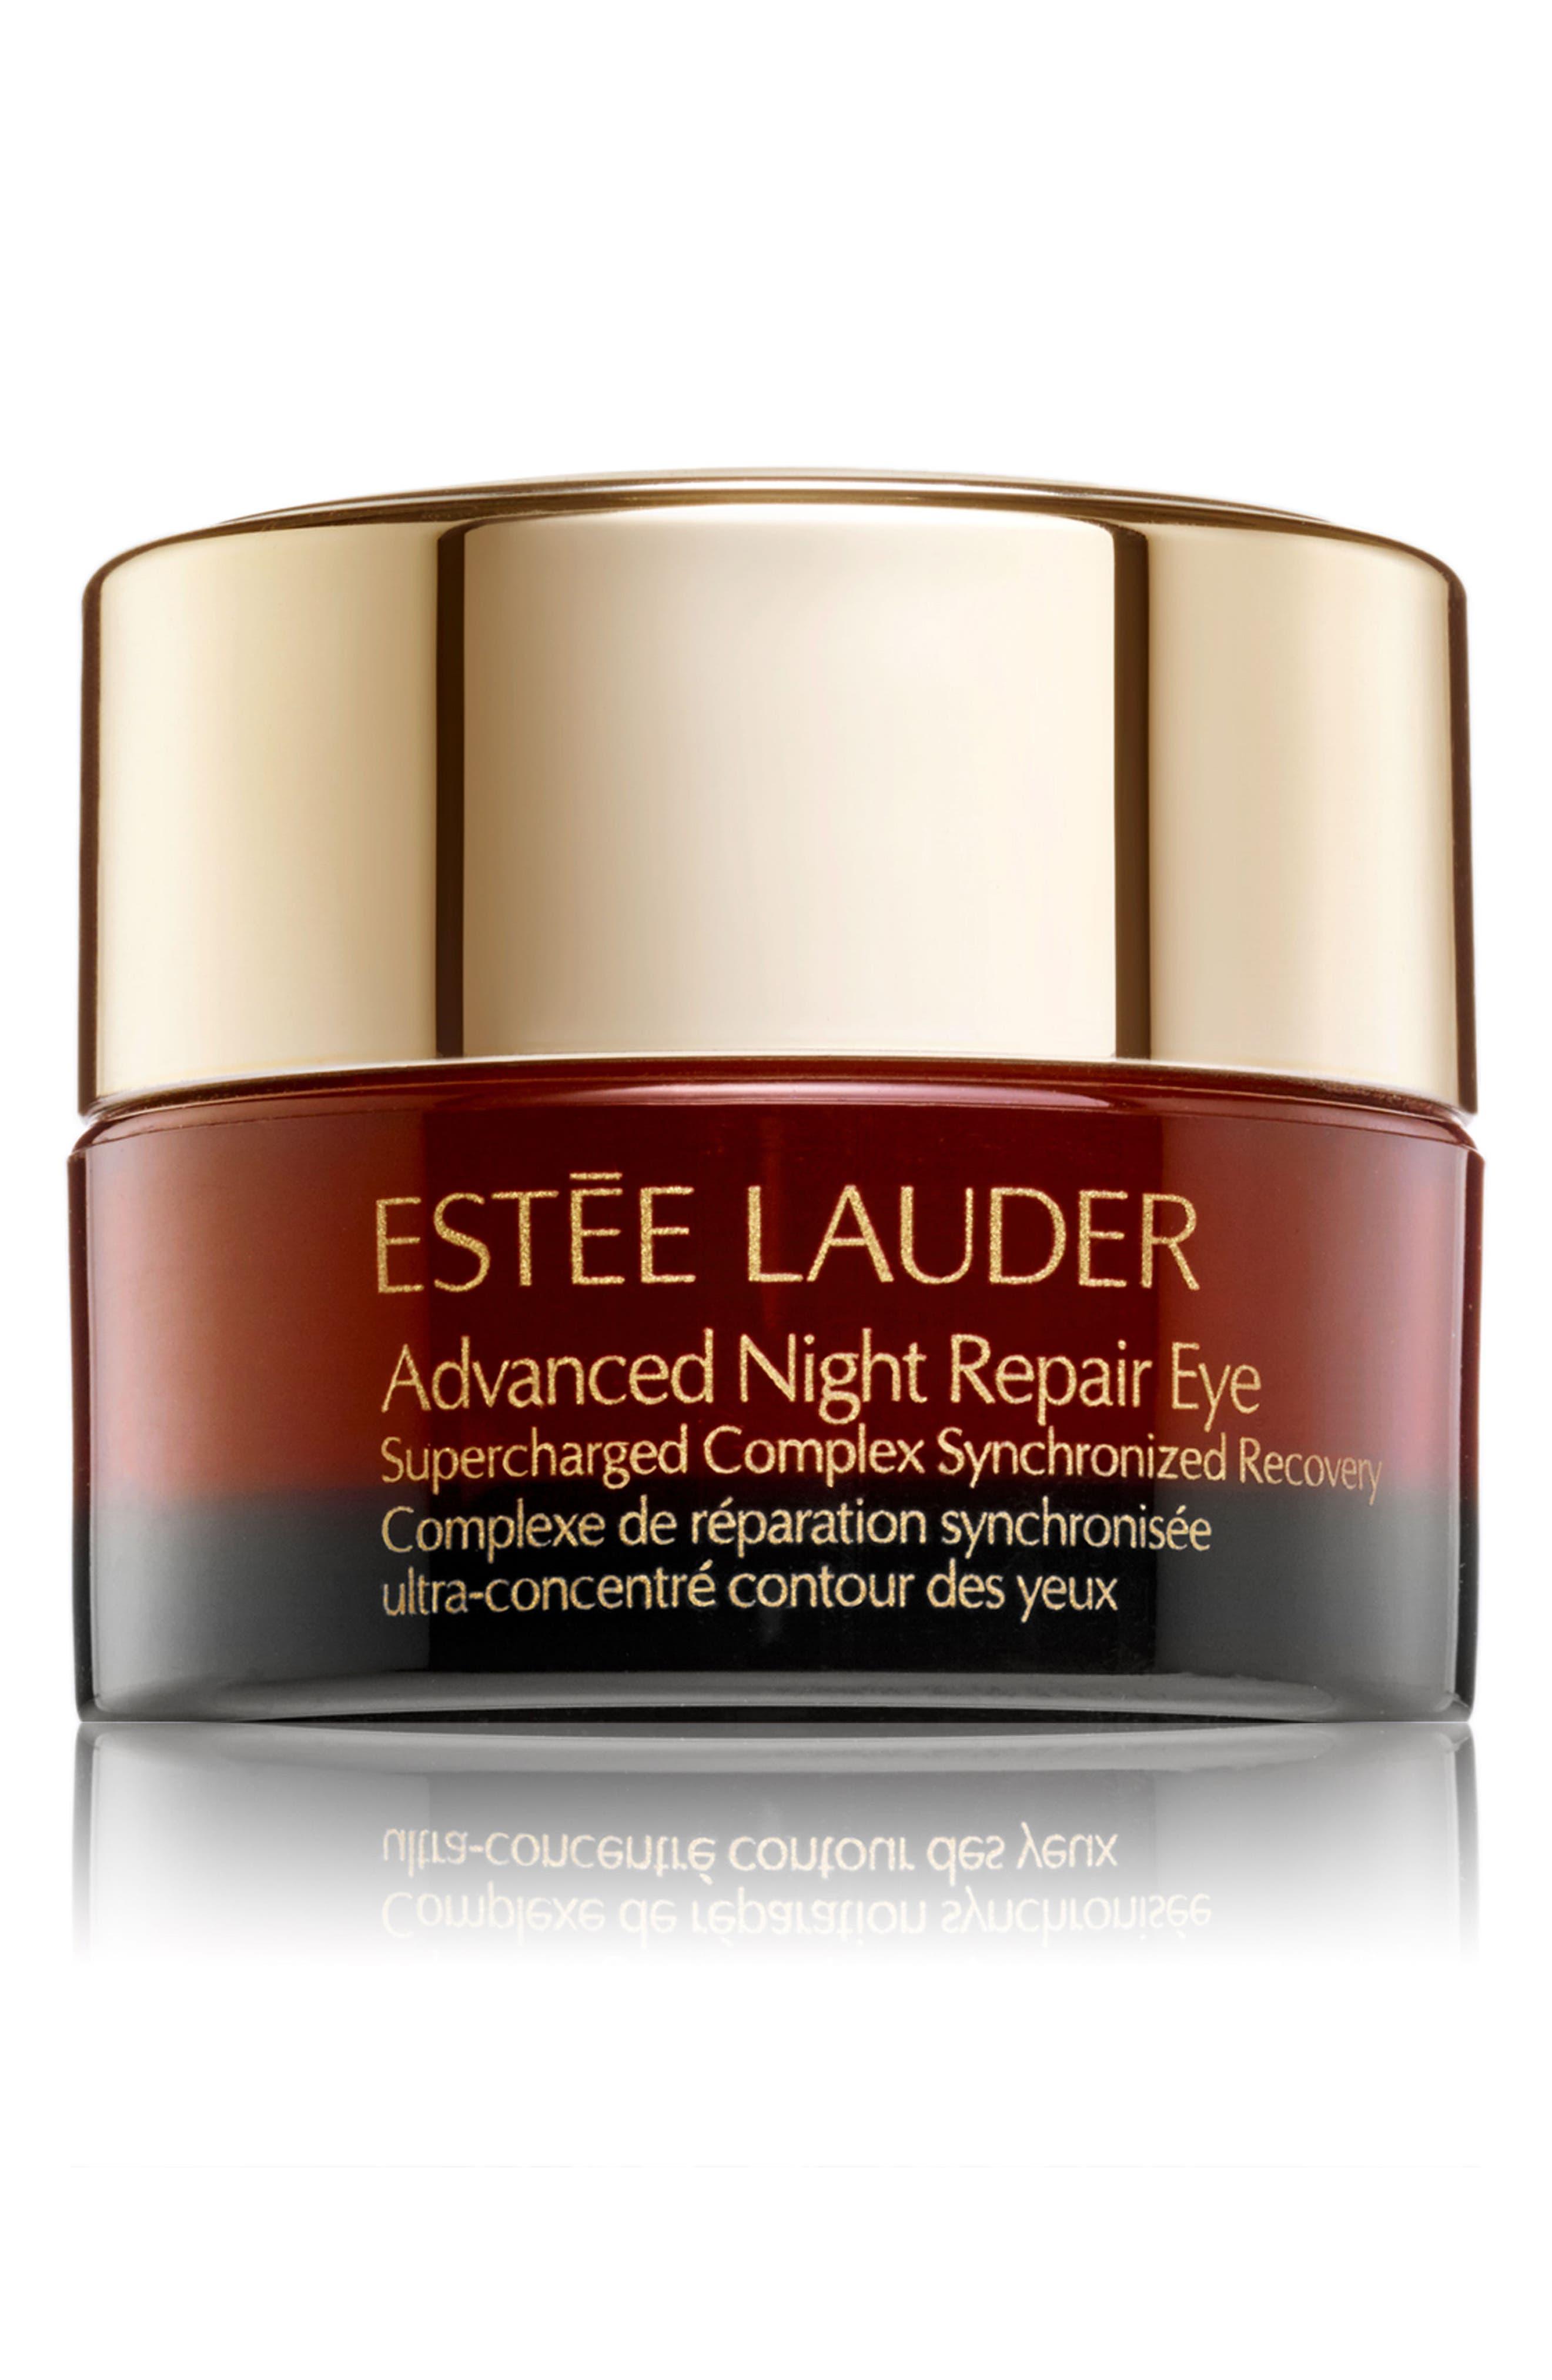 Image of Estee Lauder Mini Night Repair Eye Cream